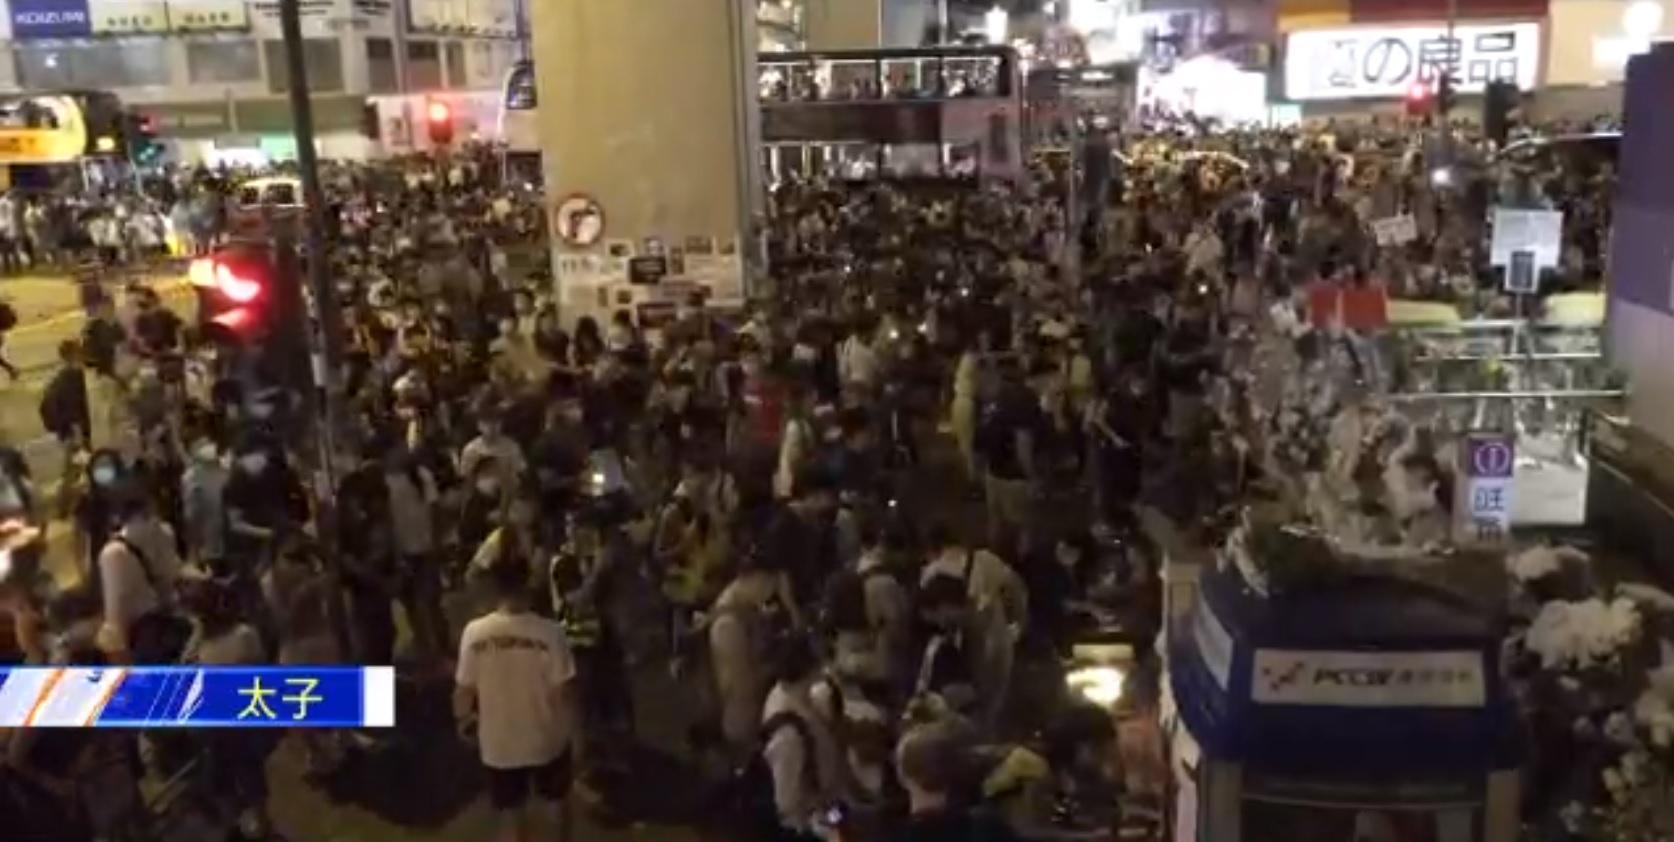 【修例风波】示威者走出弥敦道及太子道西交通受阻